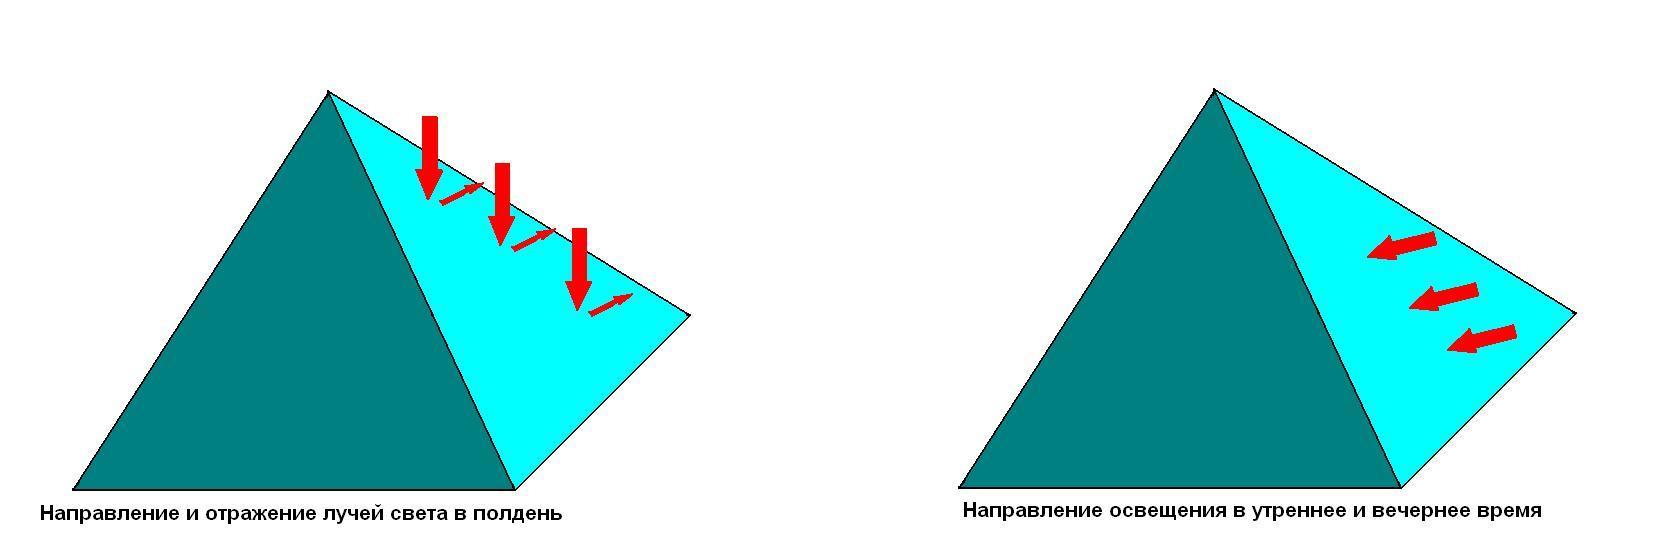 парник пирамиды